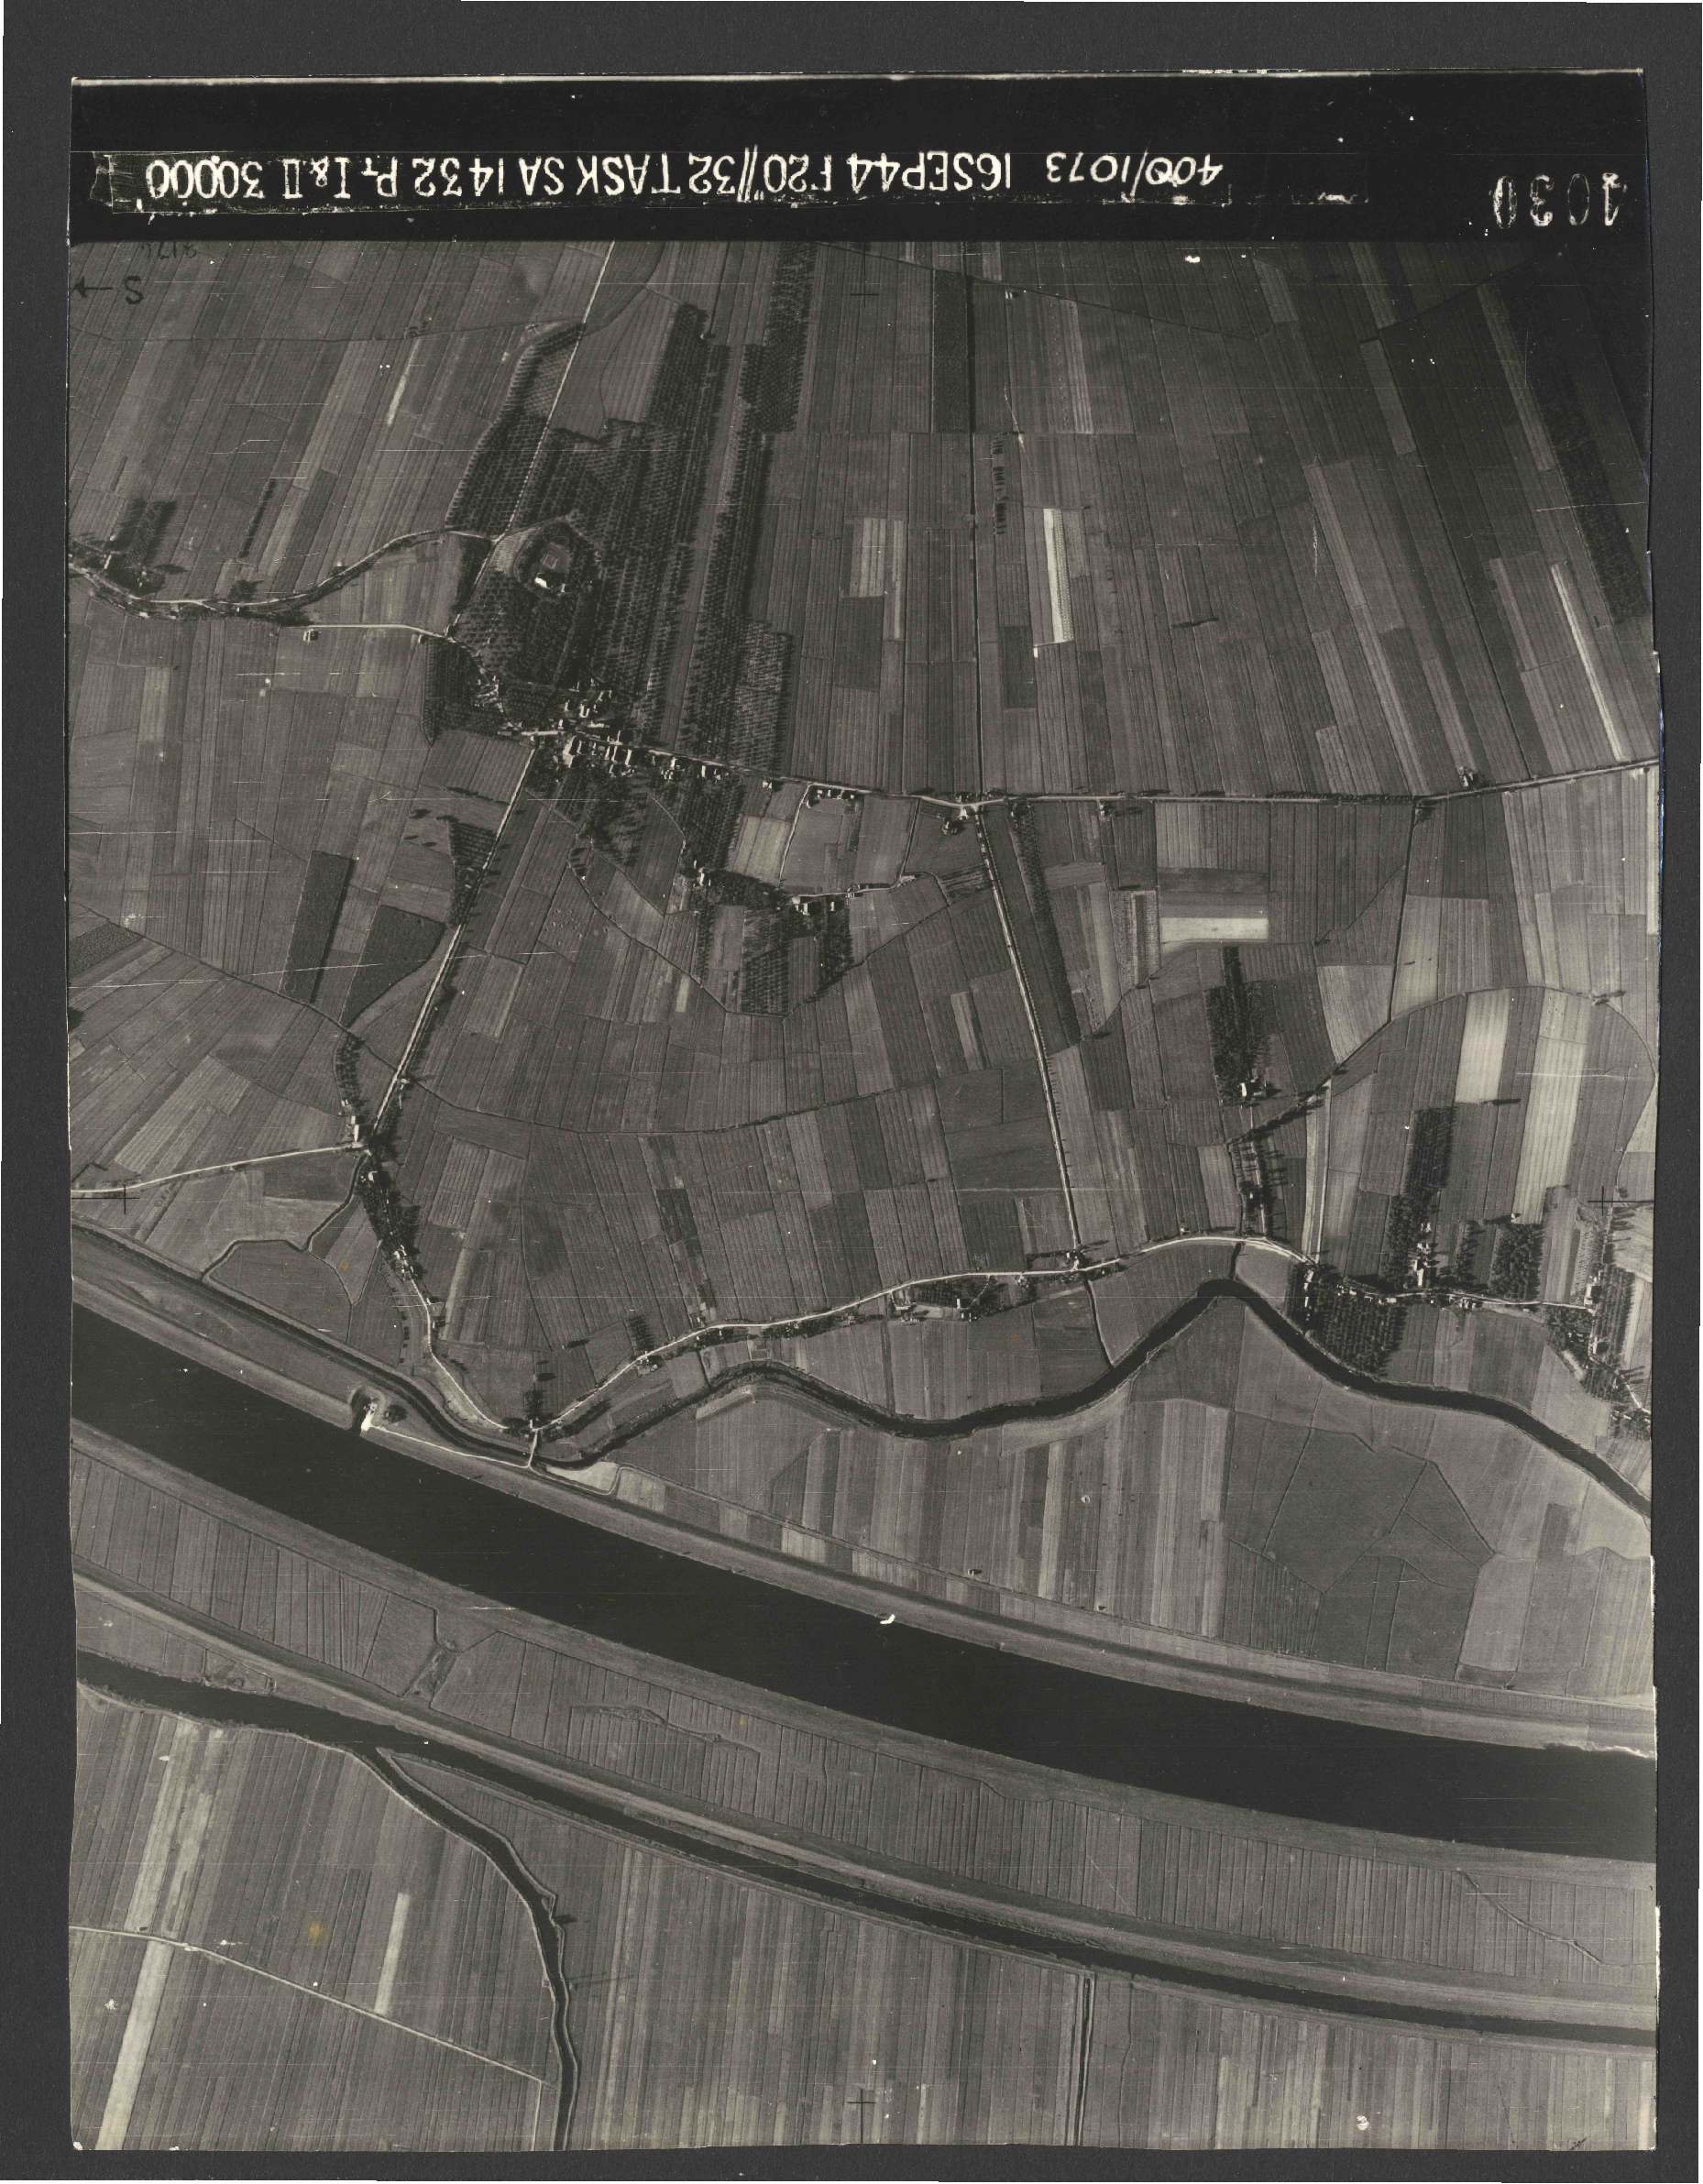 Collection RAF aerial photos 1940-1945 - flight 013, run 06, photo 4030